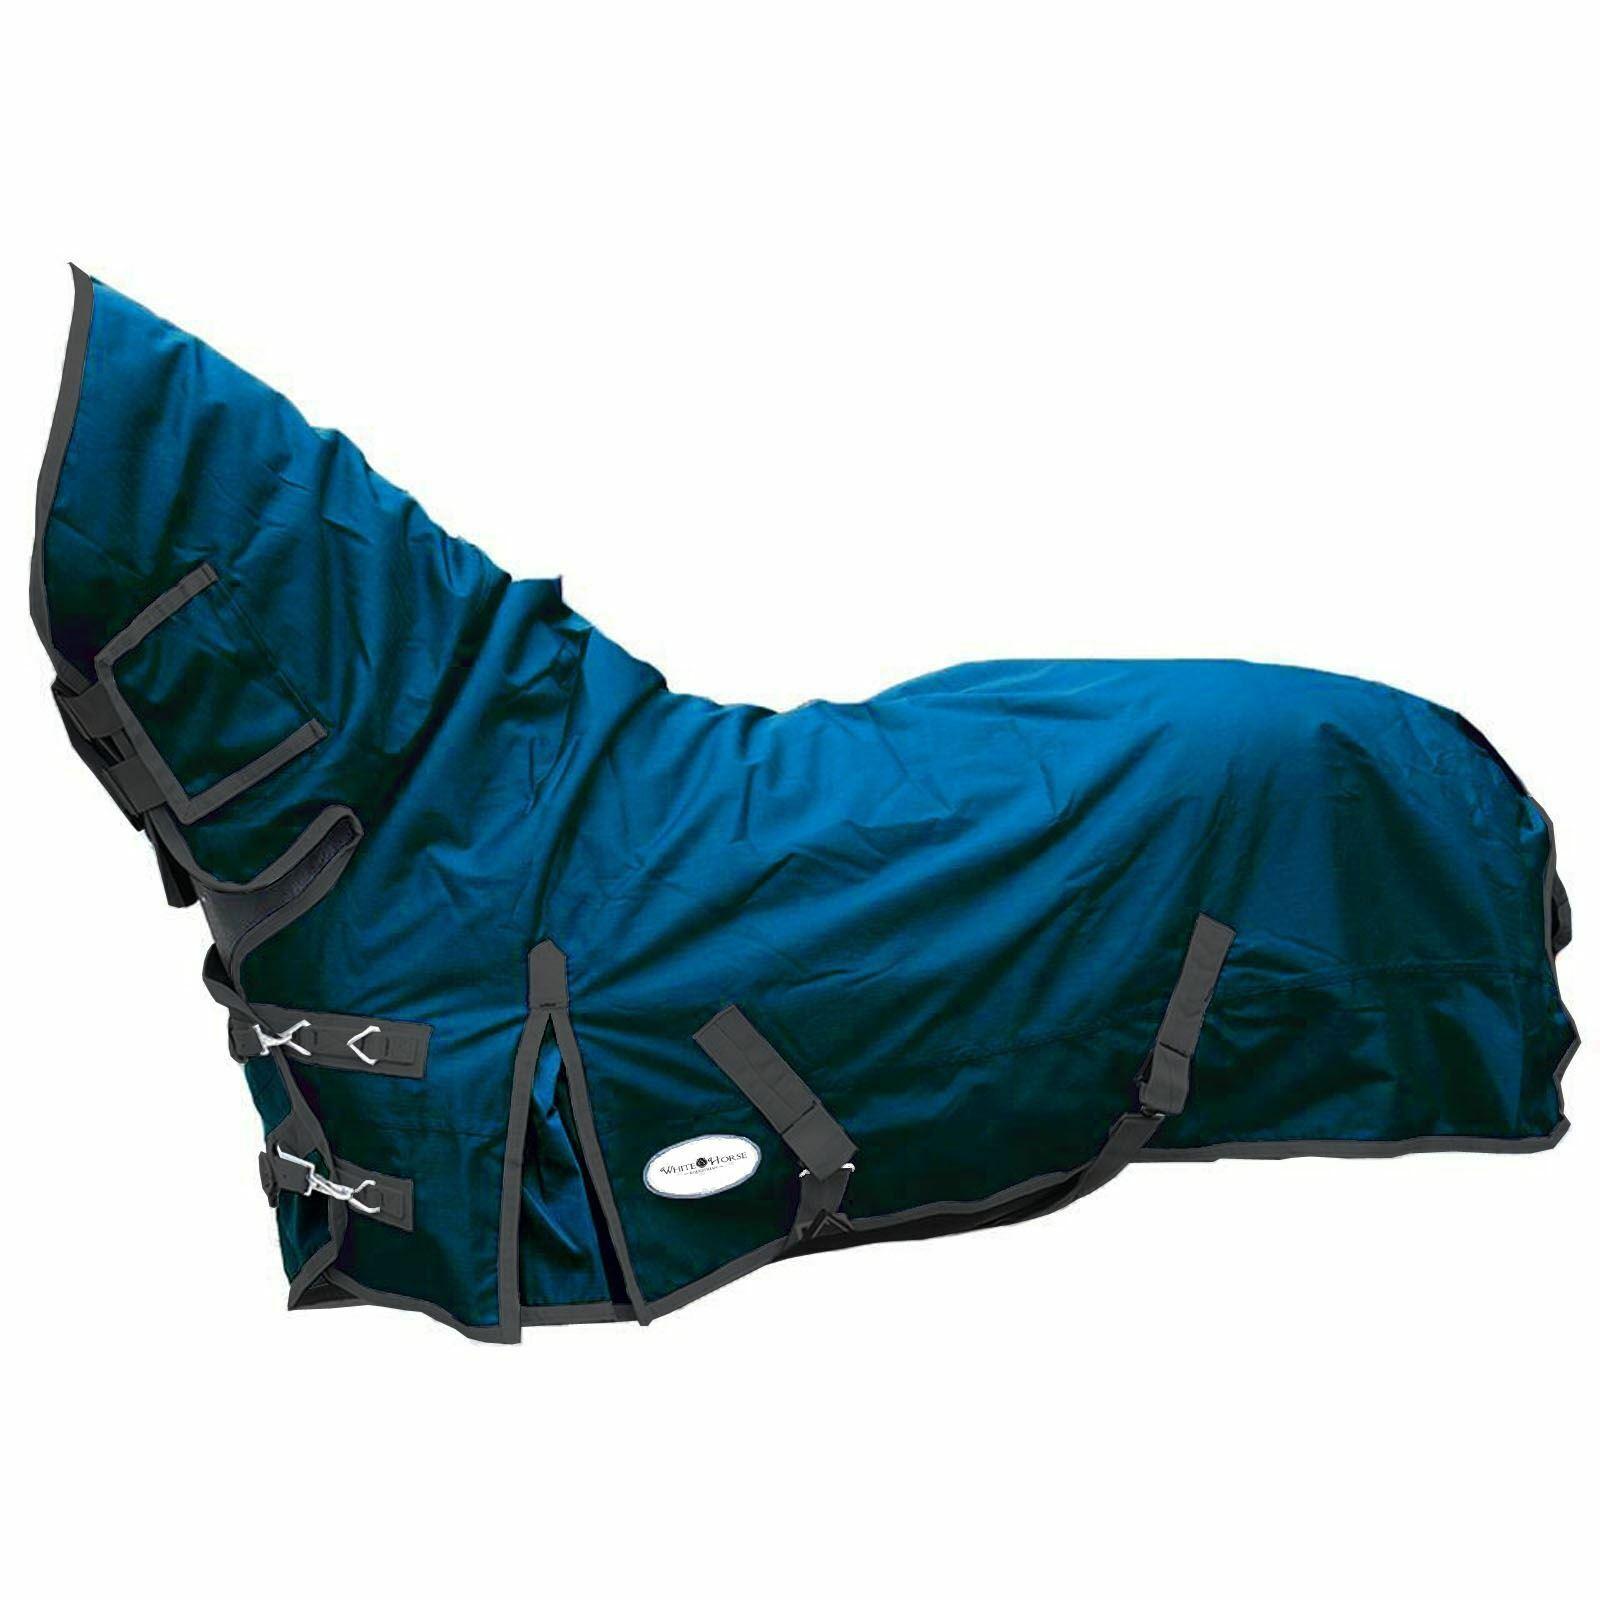 Medio peso Cavtuttio Pony 200g 1680D FULL FISSA Combo Collo Impermeabile Tappeto Affluenza tuttie Urne